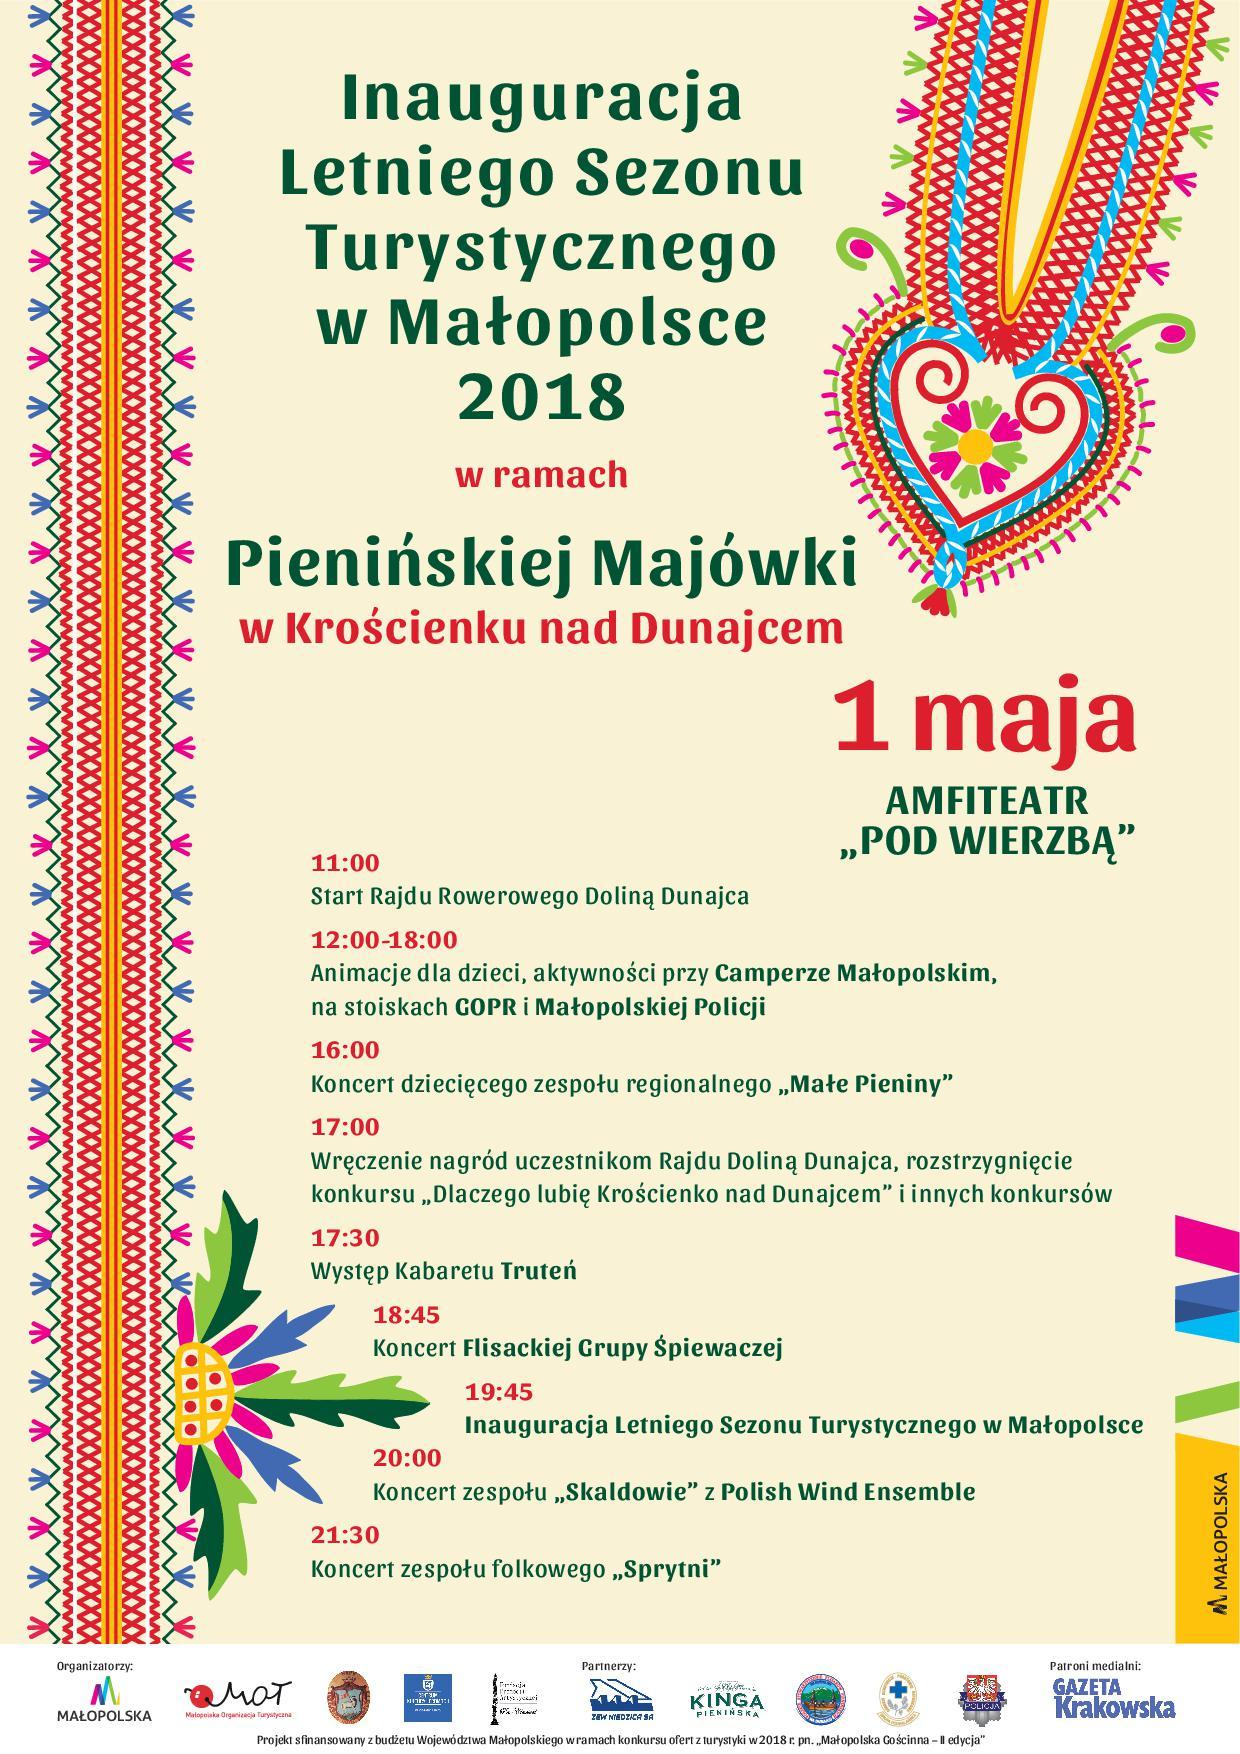 Inauguracja letniego sezonu turystycznego w Małopolsce 2018